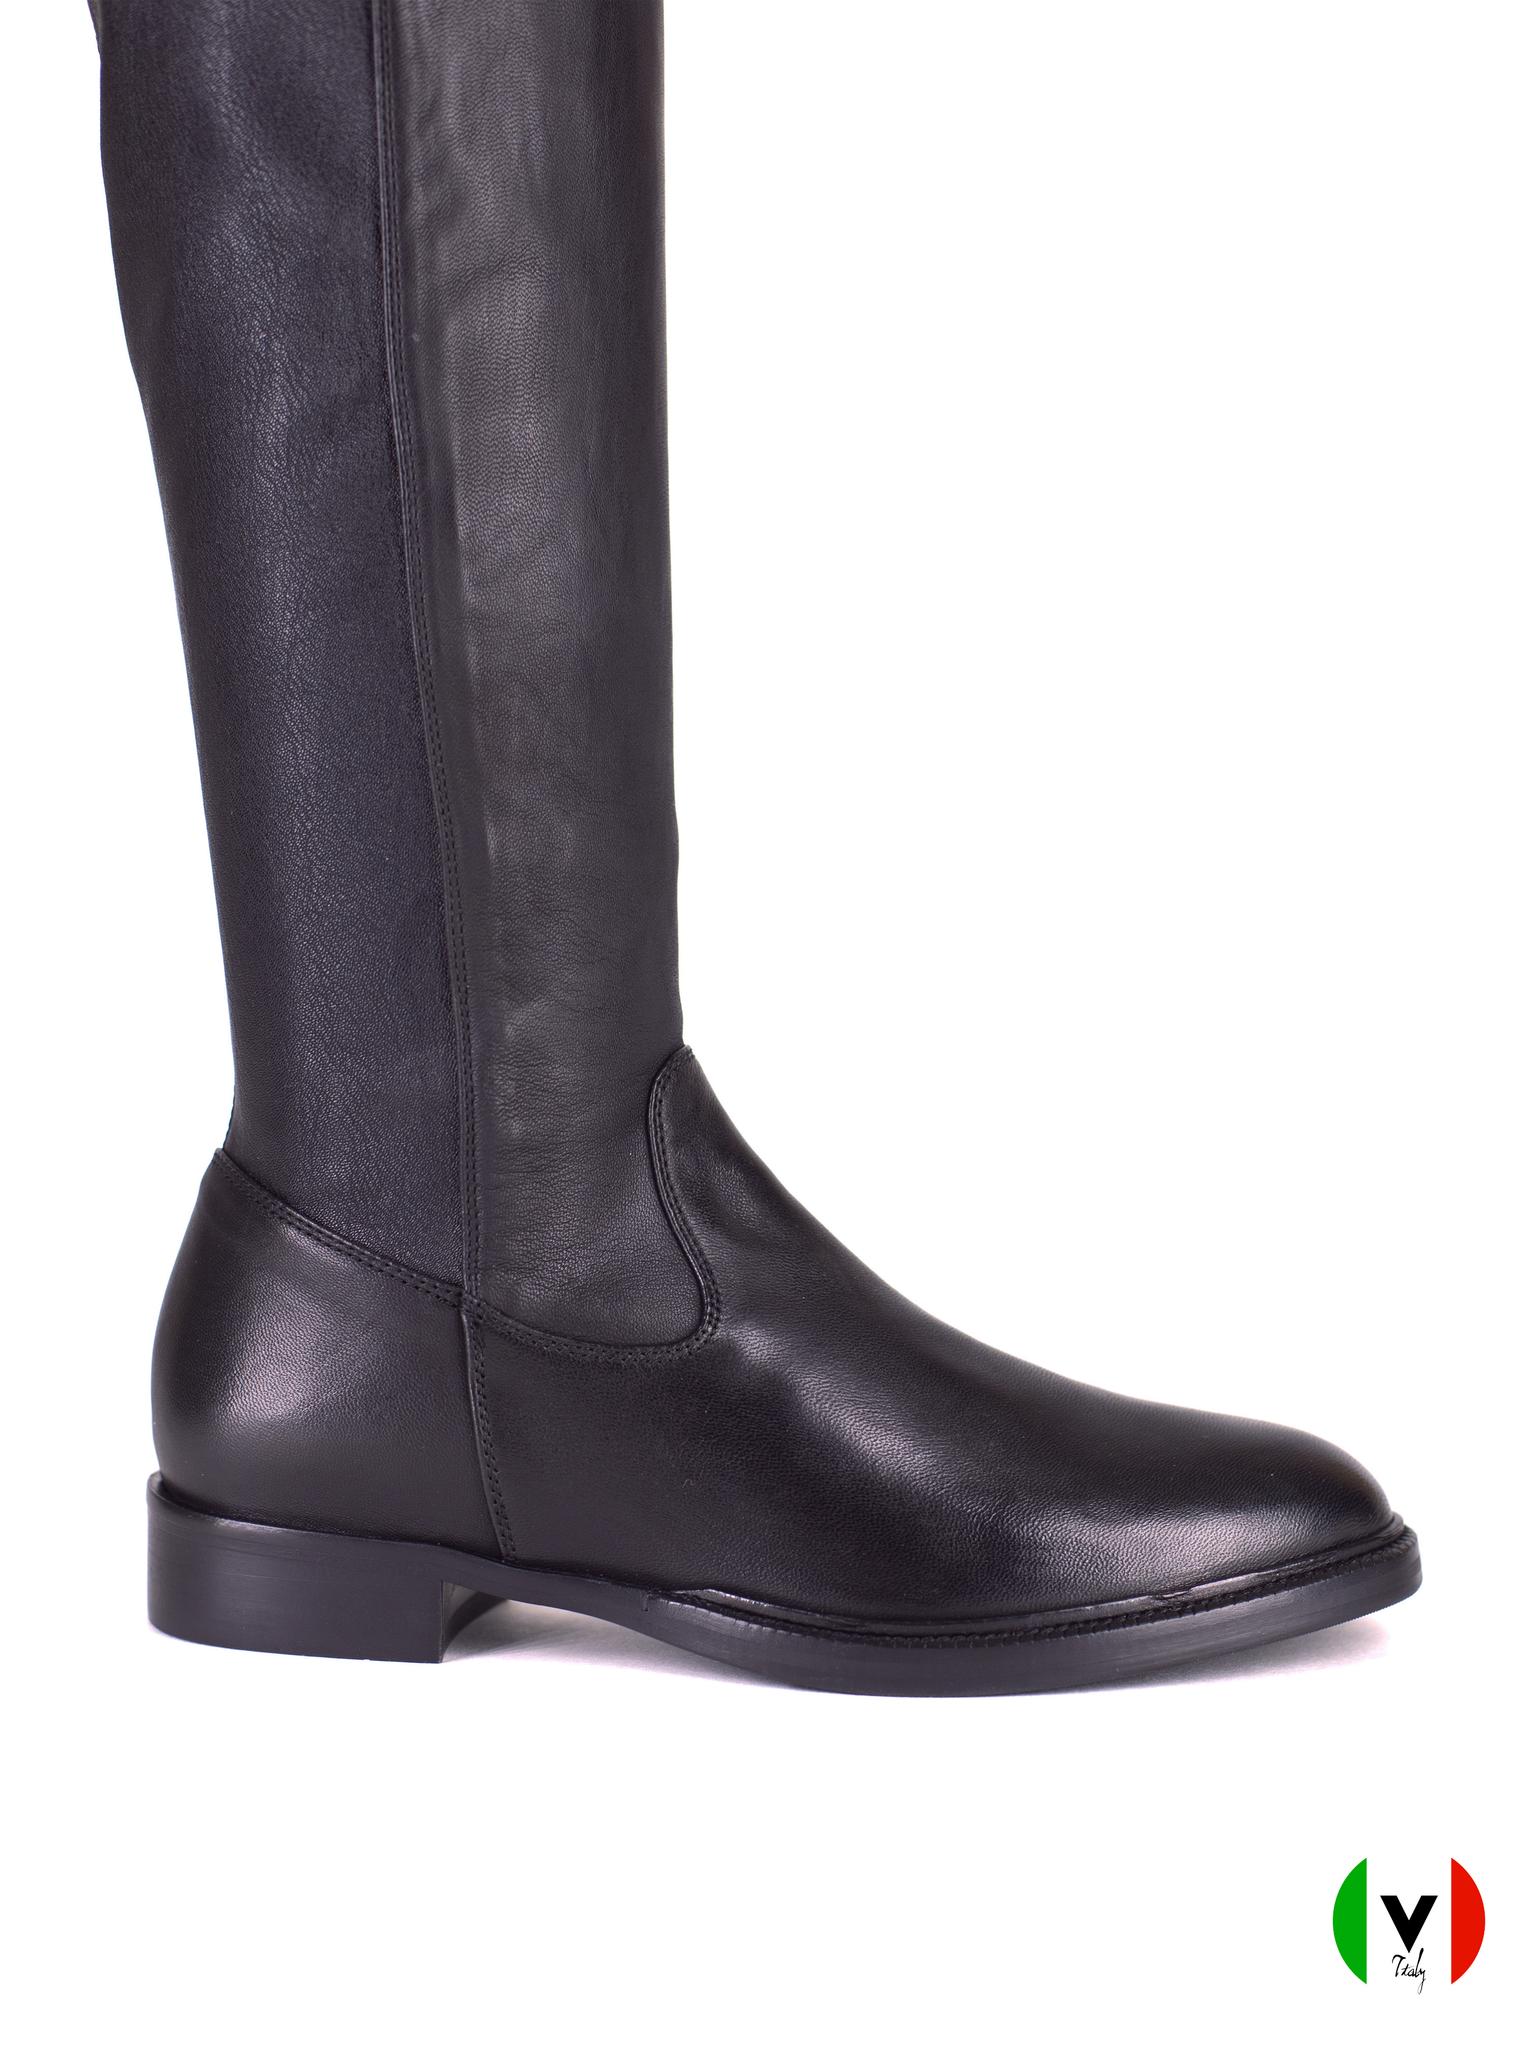 осенние сапоги ботфорты Fru.it, черные, кожаные, артикул 6547, цена 25500 руб.